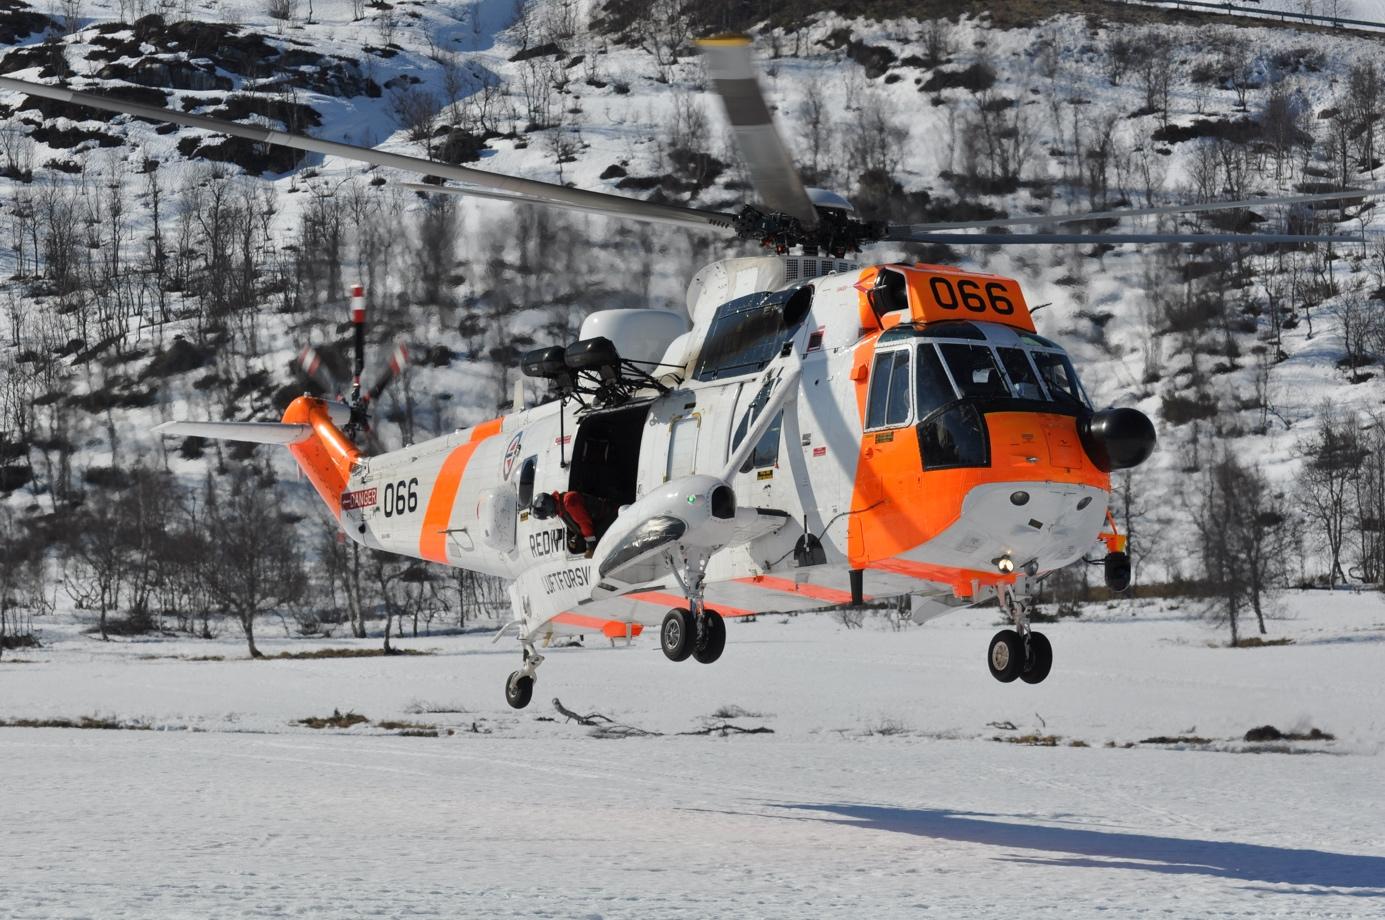 Et bilde som inneholder snø, utendørs, luftfartøy  Automatisk generert beskrivelse